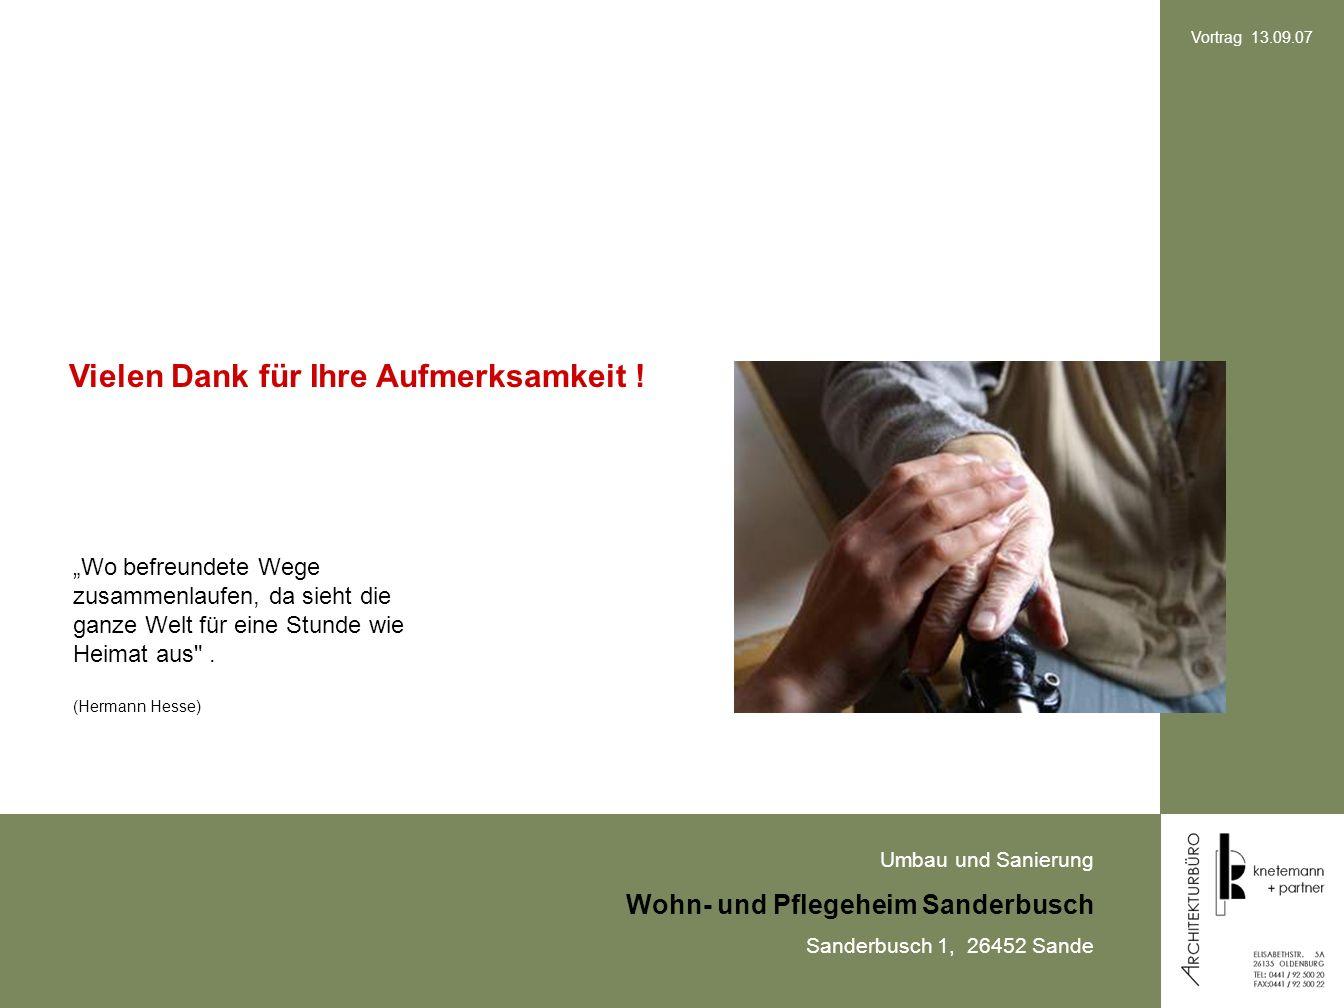 Umbau und Sanierung Wohn- und Pflegeheim Sanderbusch Sanderbusch 1, 26452 Sande Vortrag 13.09.07 Vielen Dank für Ihre Aufmerksamkeit .